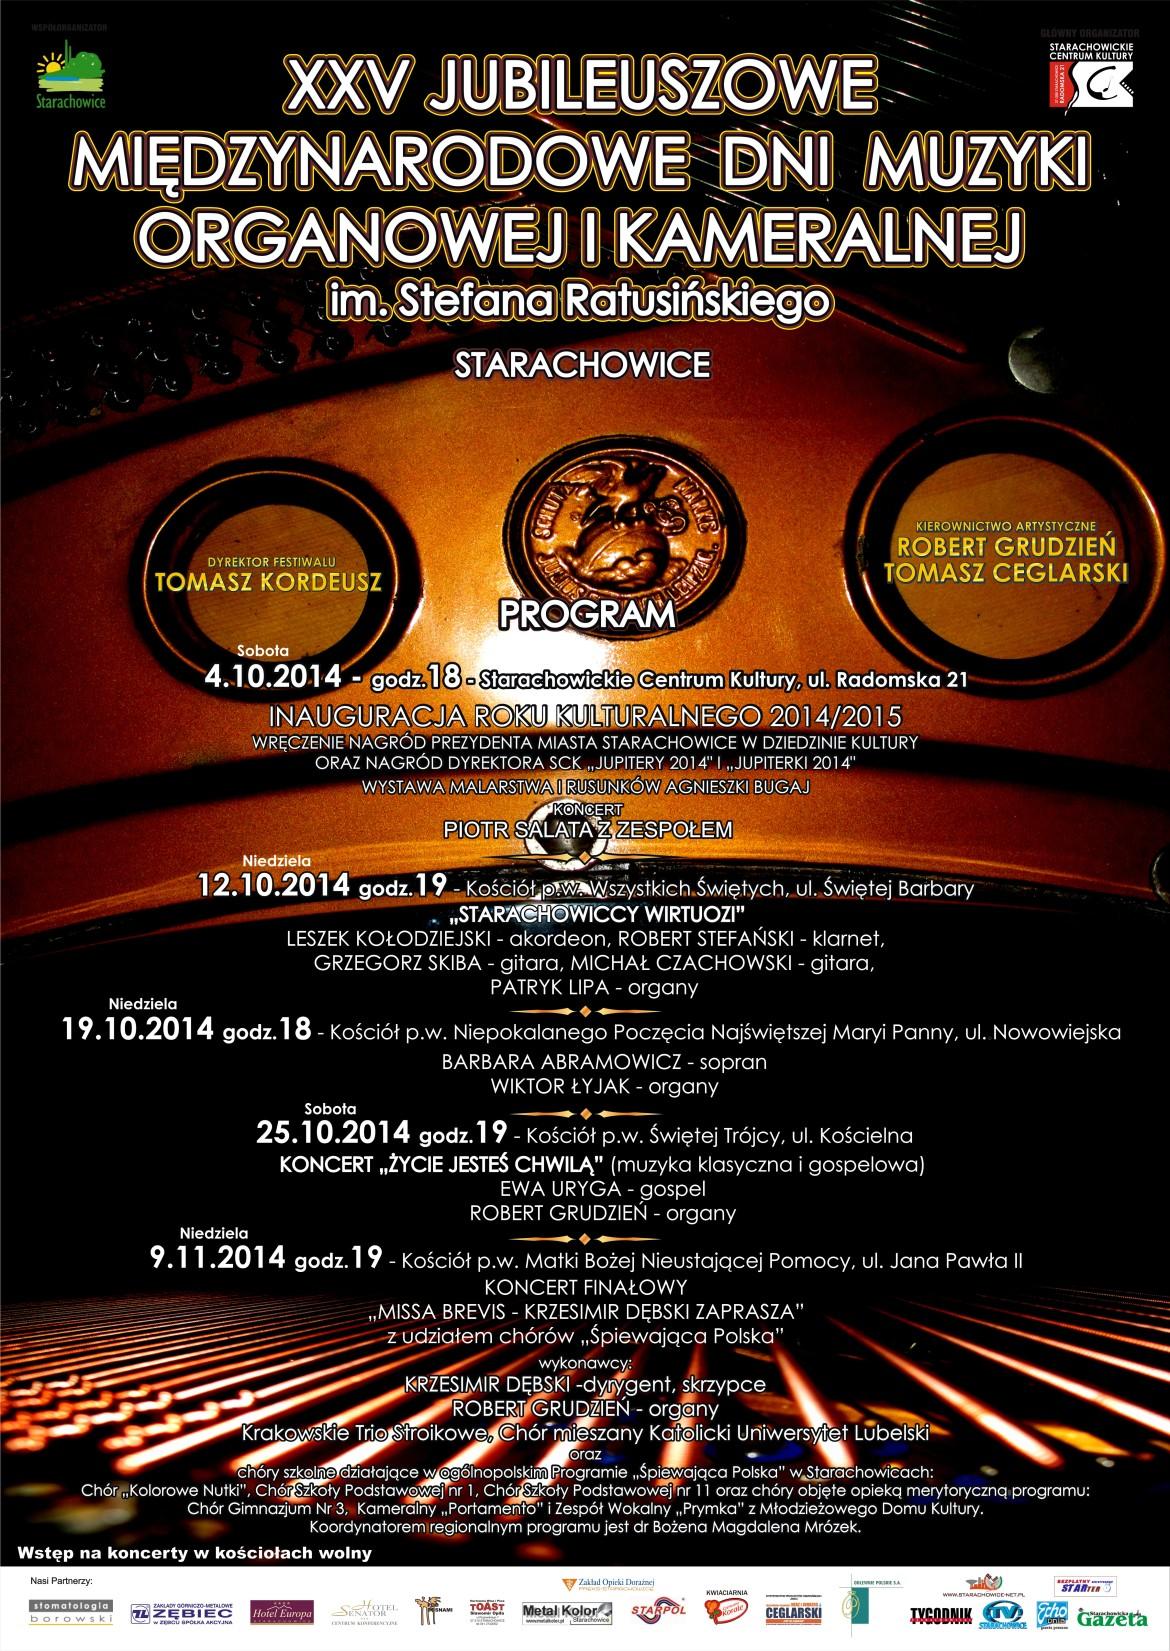 Archiwum SCK. Program XXV Jubileuszowych Międzynarodowych Dni Muzyki Organowej i Kameralnej im. Stefana Ratusińskiego w Starachowicach.